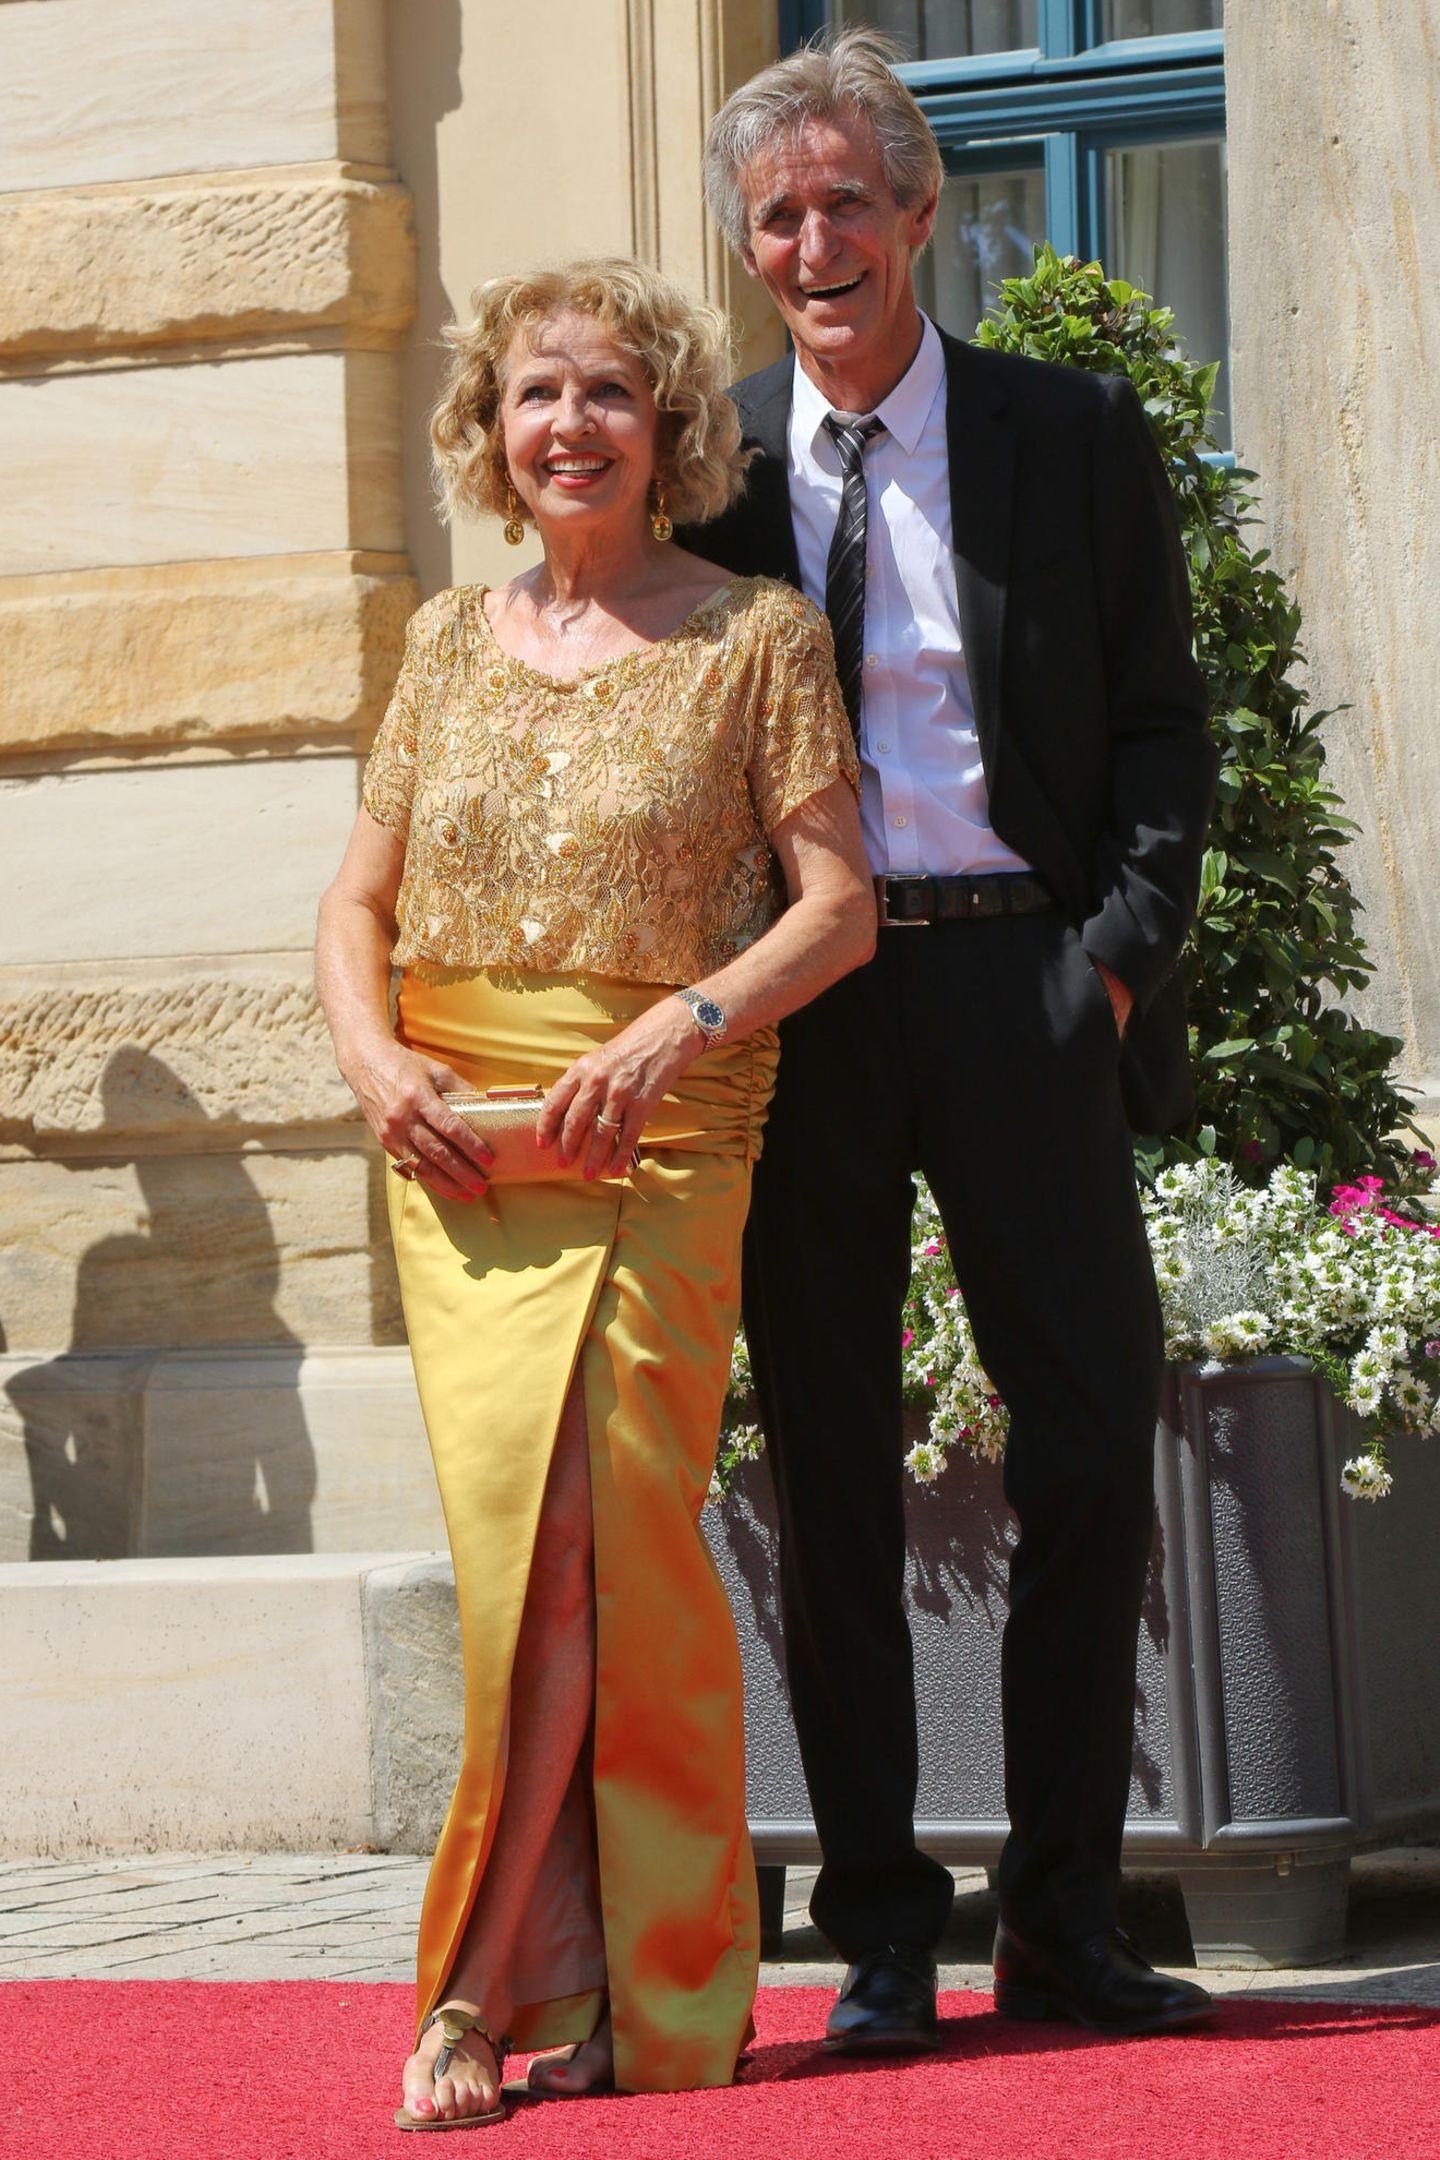 Schauspielerin Michaela May strahlt an diesem Tag mit der Sonne um die Wette. Ihr MannBernd Schadewald ist zwar nicht so schön farbenfroh gekleidet, ist aber dennoch bester Laune.